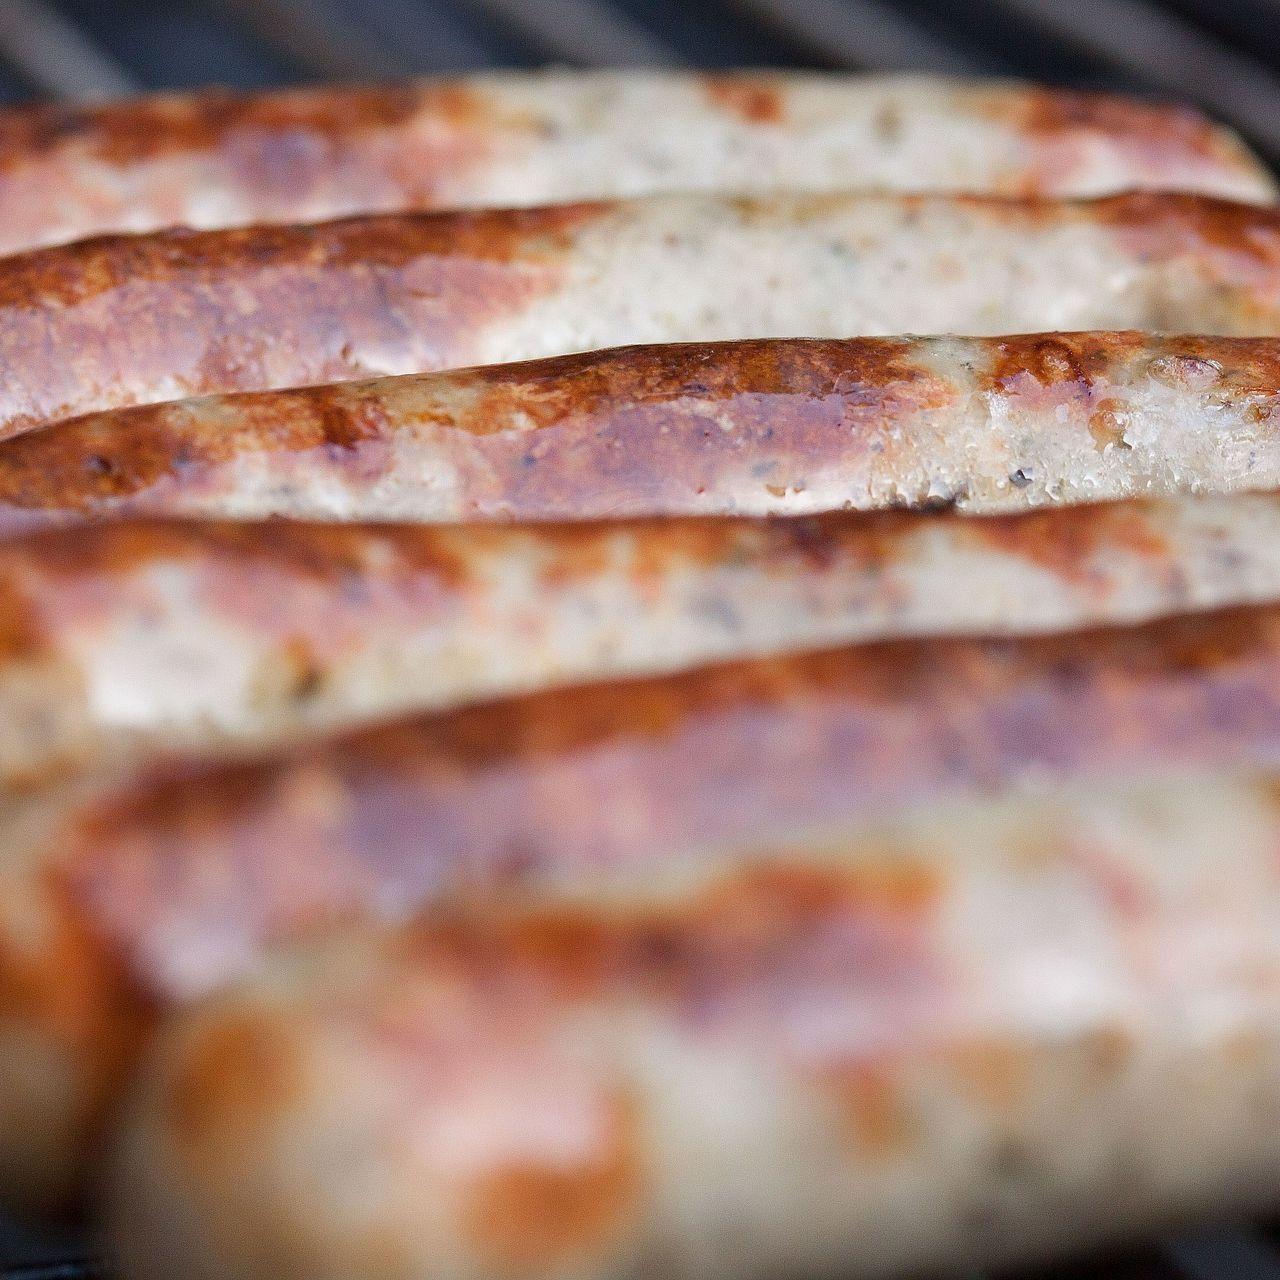 Sausage wtusly